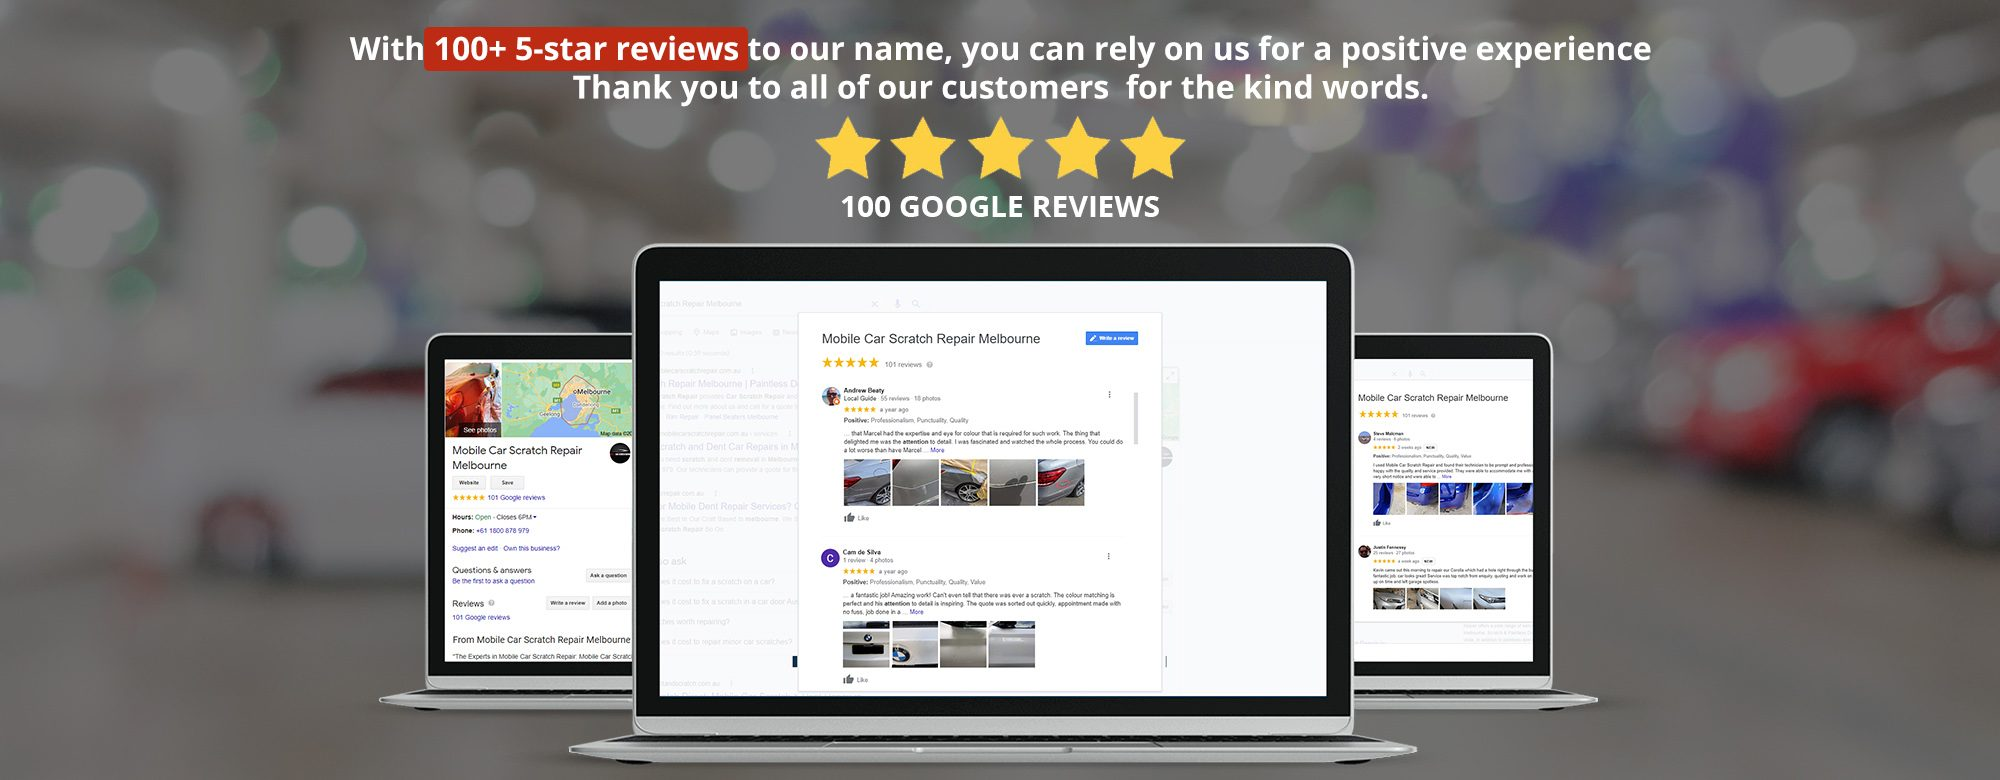 Google Reviews - Mobile Car Scratch Repair